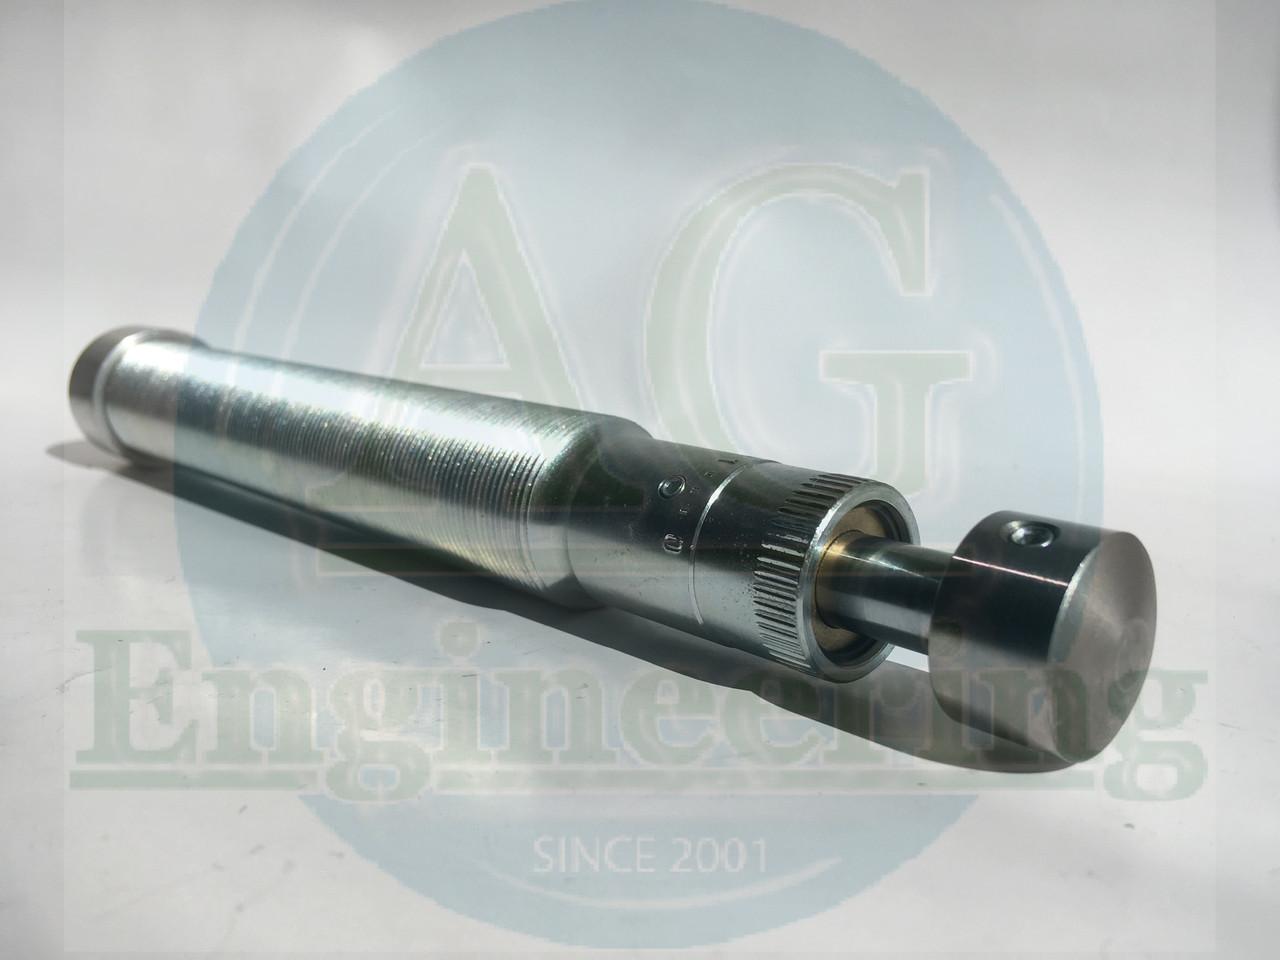 Пневмоамортизатор URBAN с возвратом M30x100 для SV-305, 350520